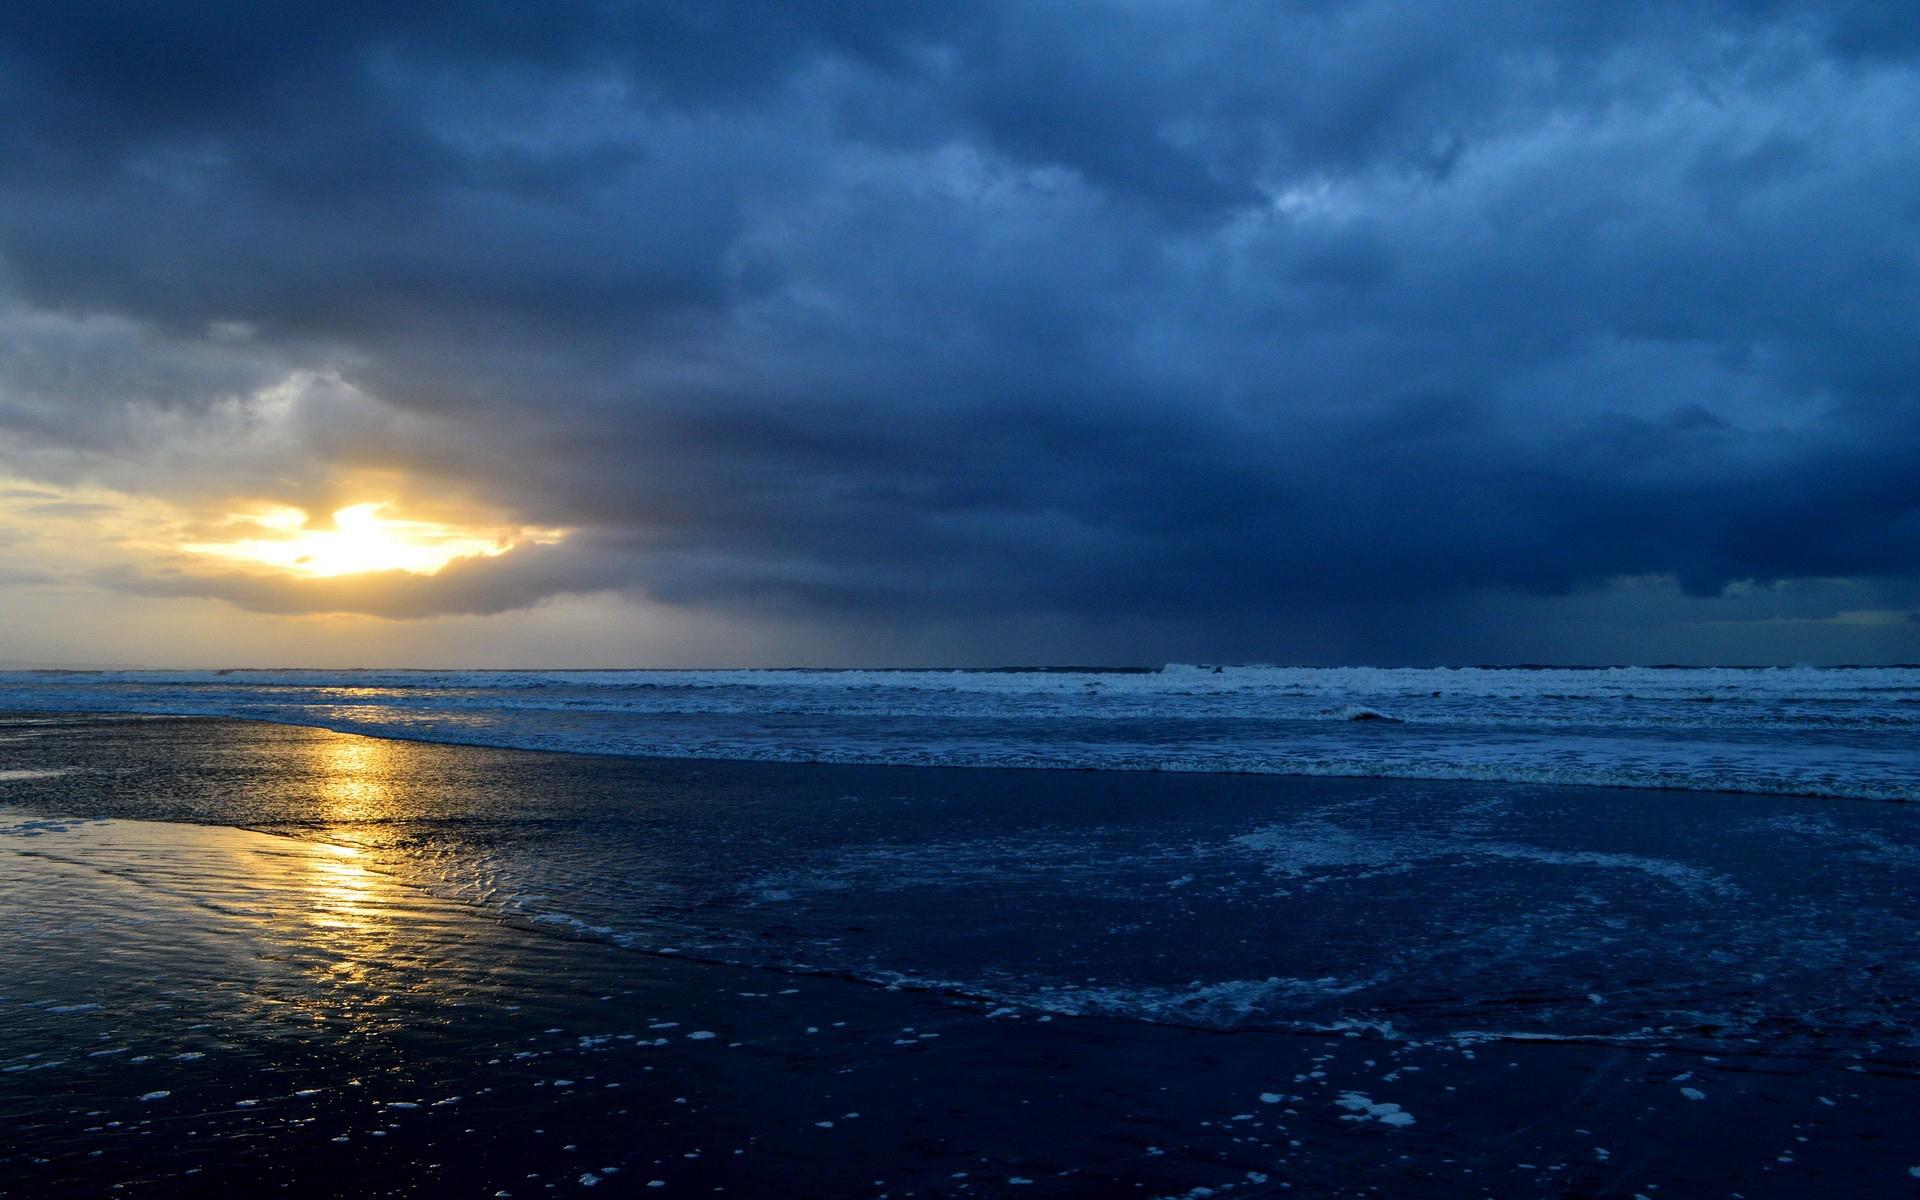 природа море солнце горизонт небо облака  № 717663 загрузить